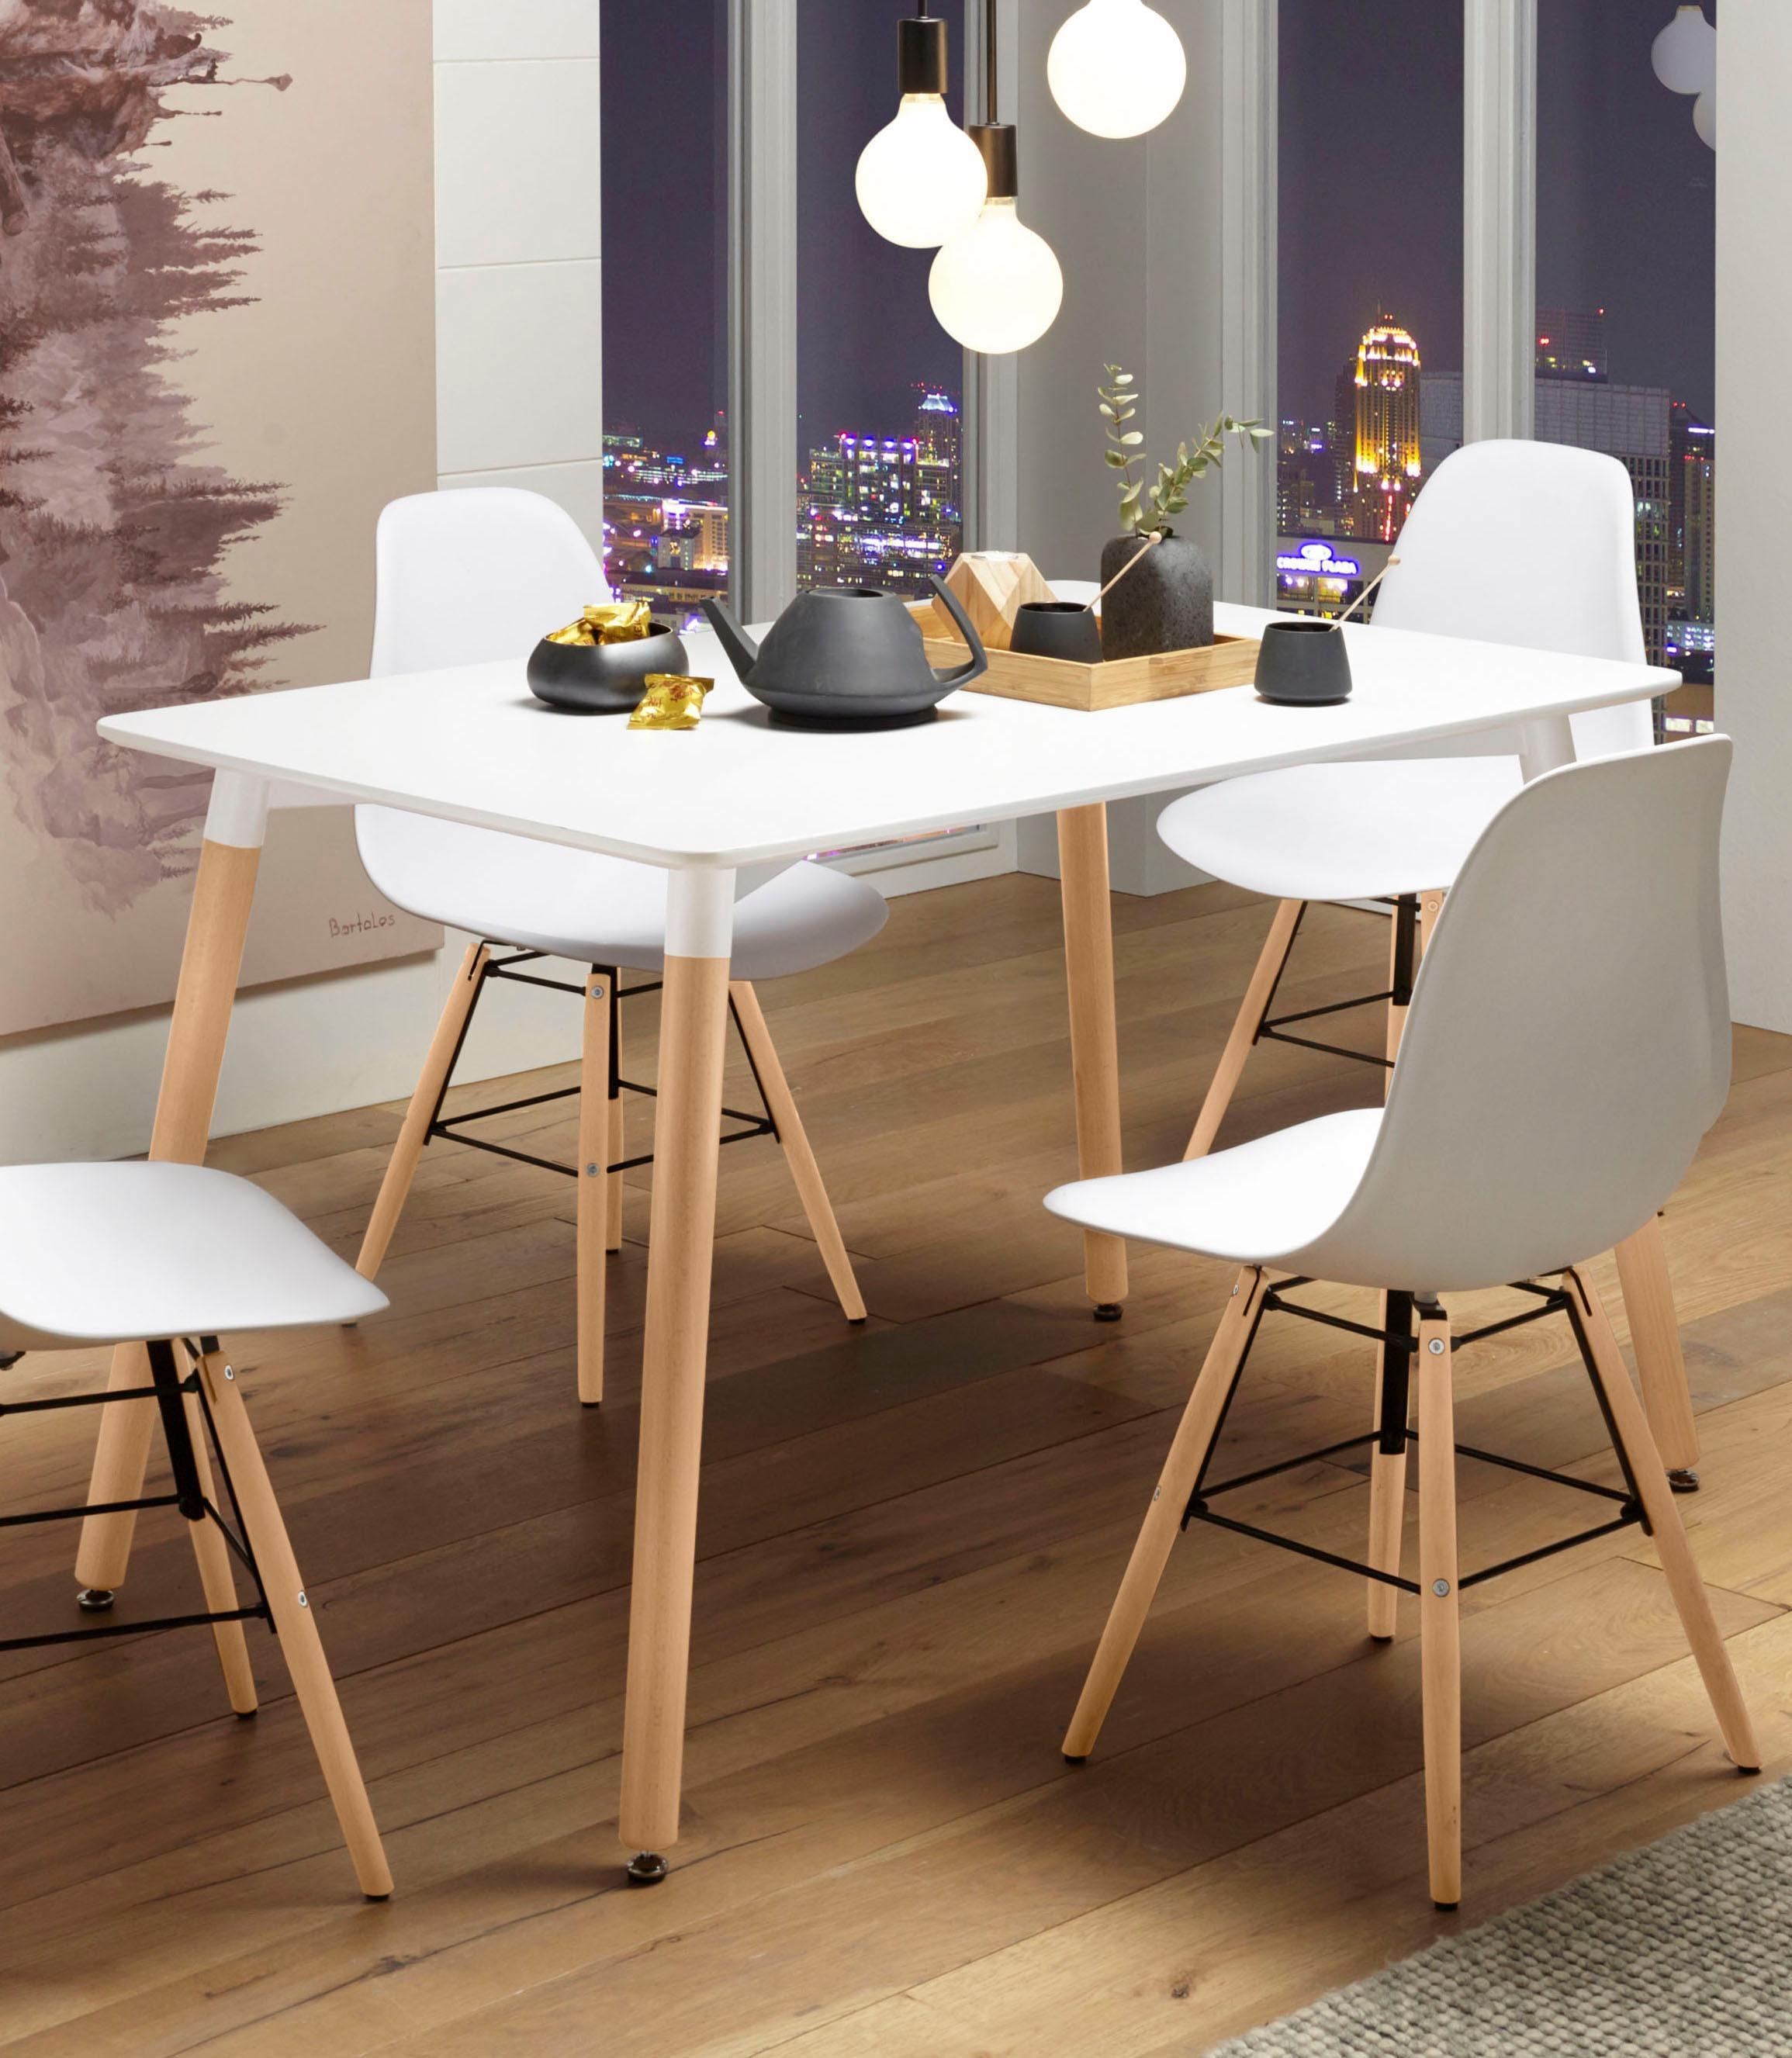 Paroli Esstisch, Breite 120 cm weiß Esstisch Ausziehbare Esstische Tische